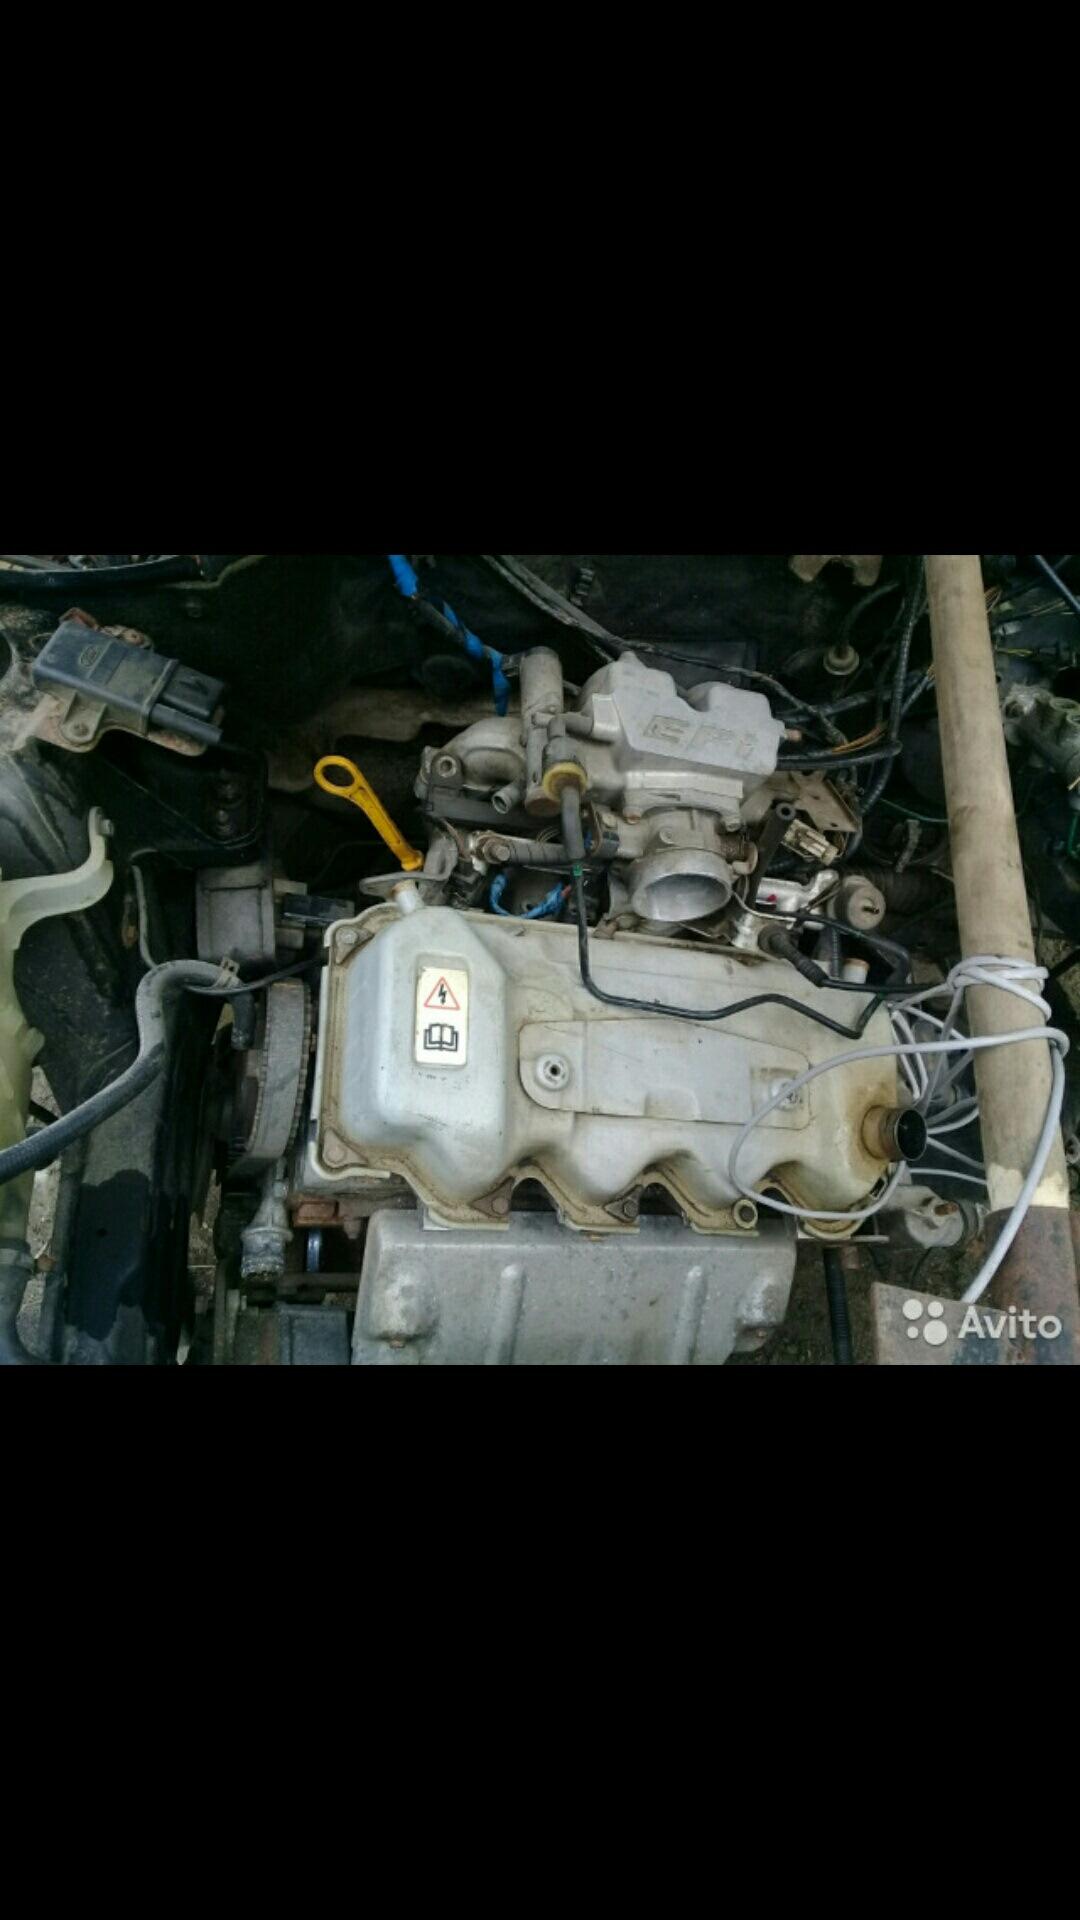 Какой мотор можно поставить на чери амулет чем почистить форсунки чери амулет